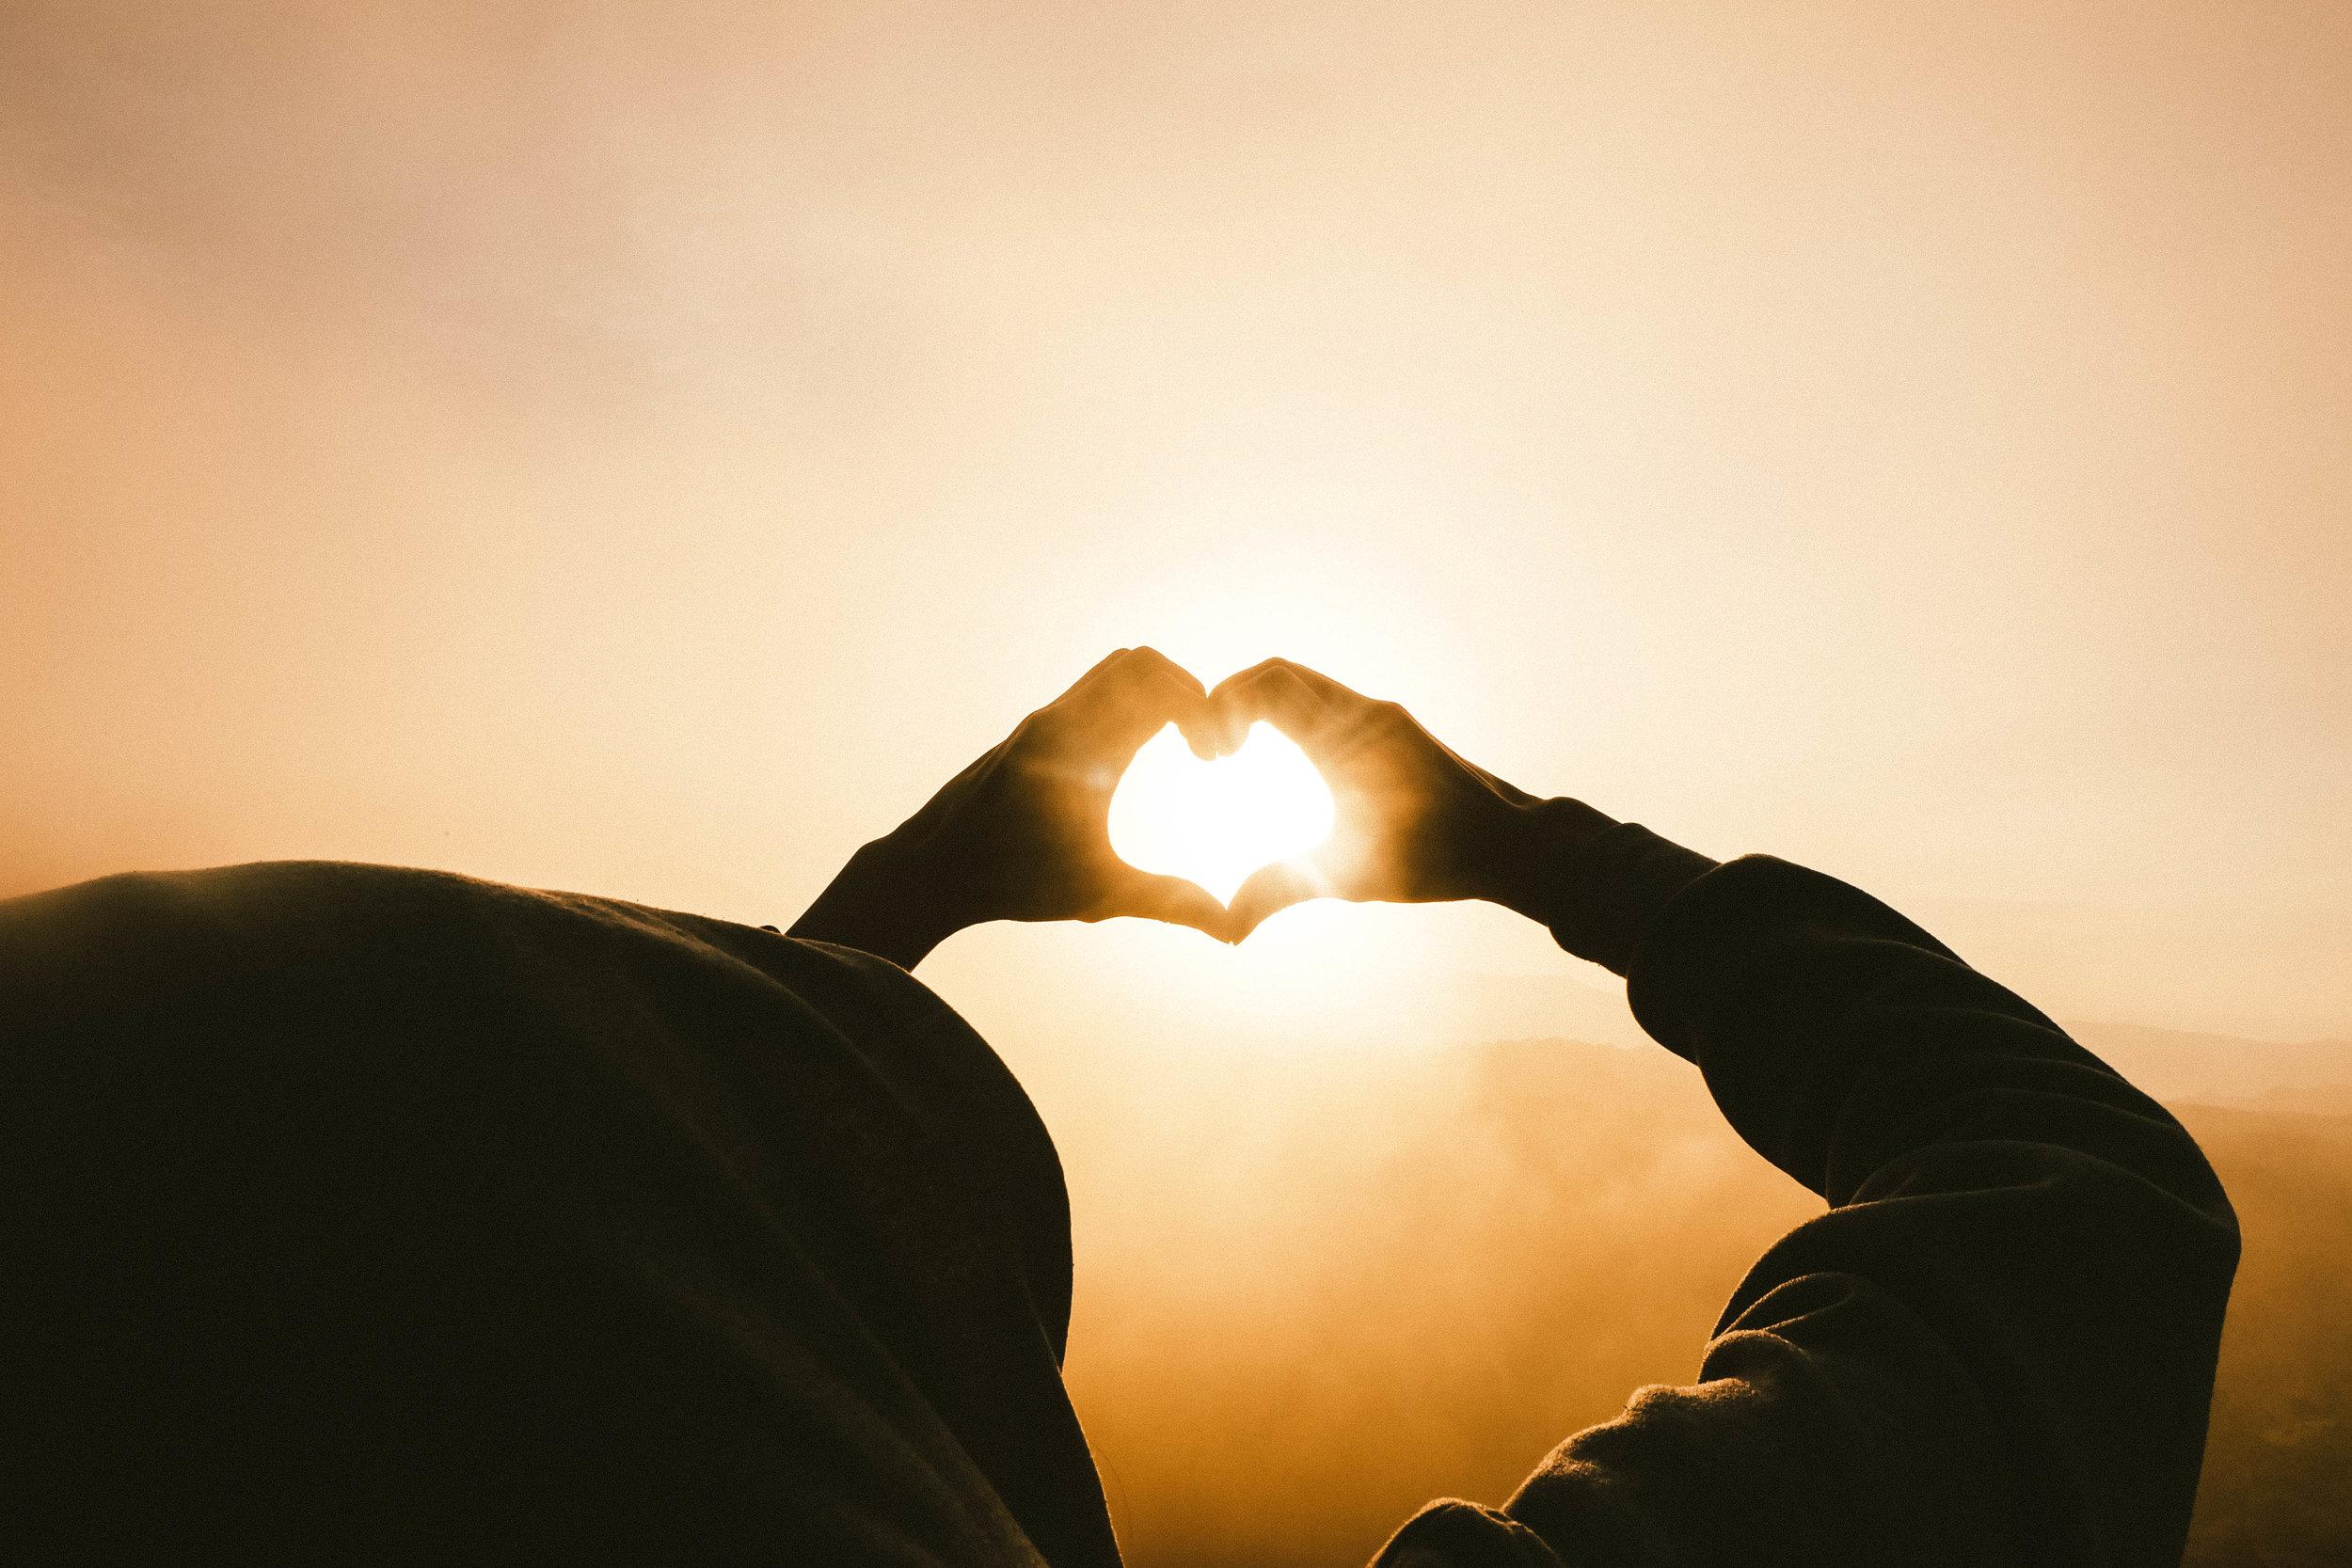 compassion - En développant la compassion, nous découvrons un amour sain, dans lequel nous pouvons puiser pour soulager la souffrance des autres.